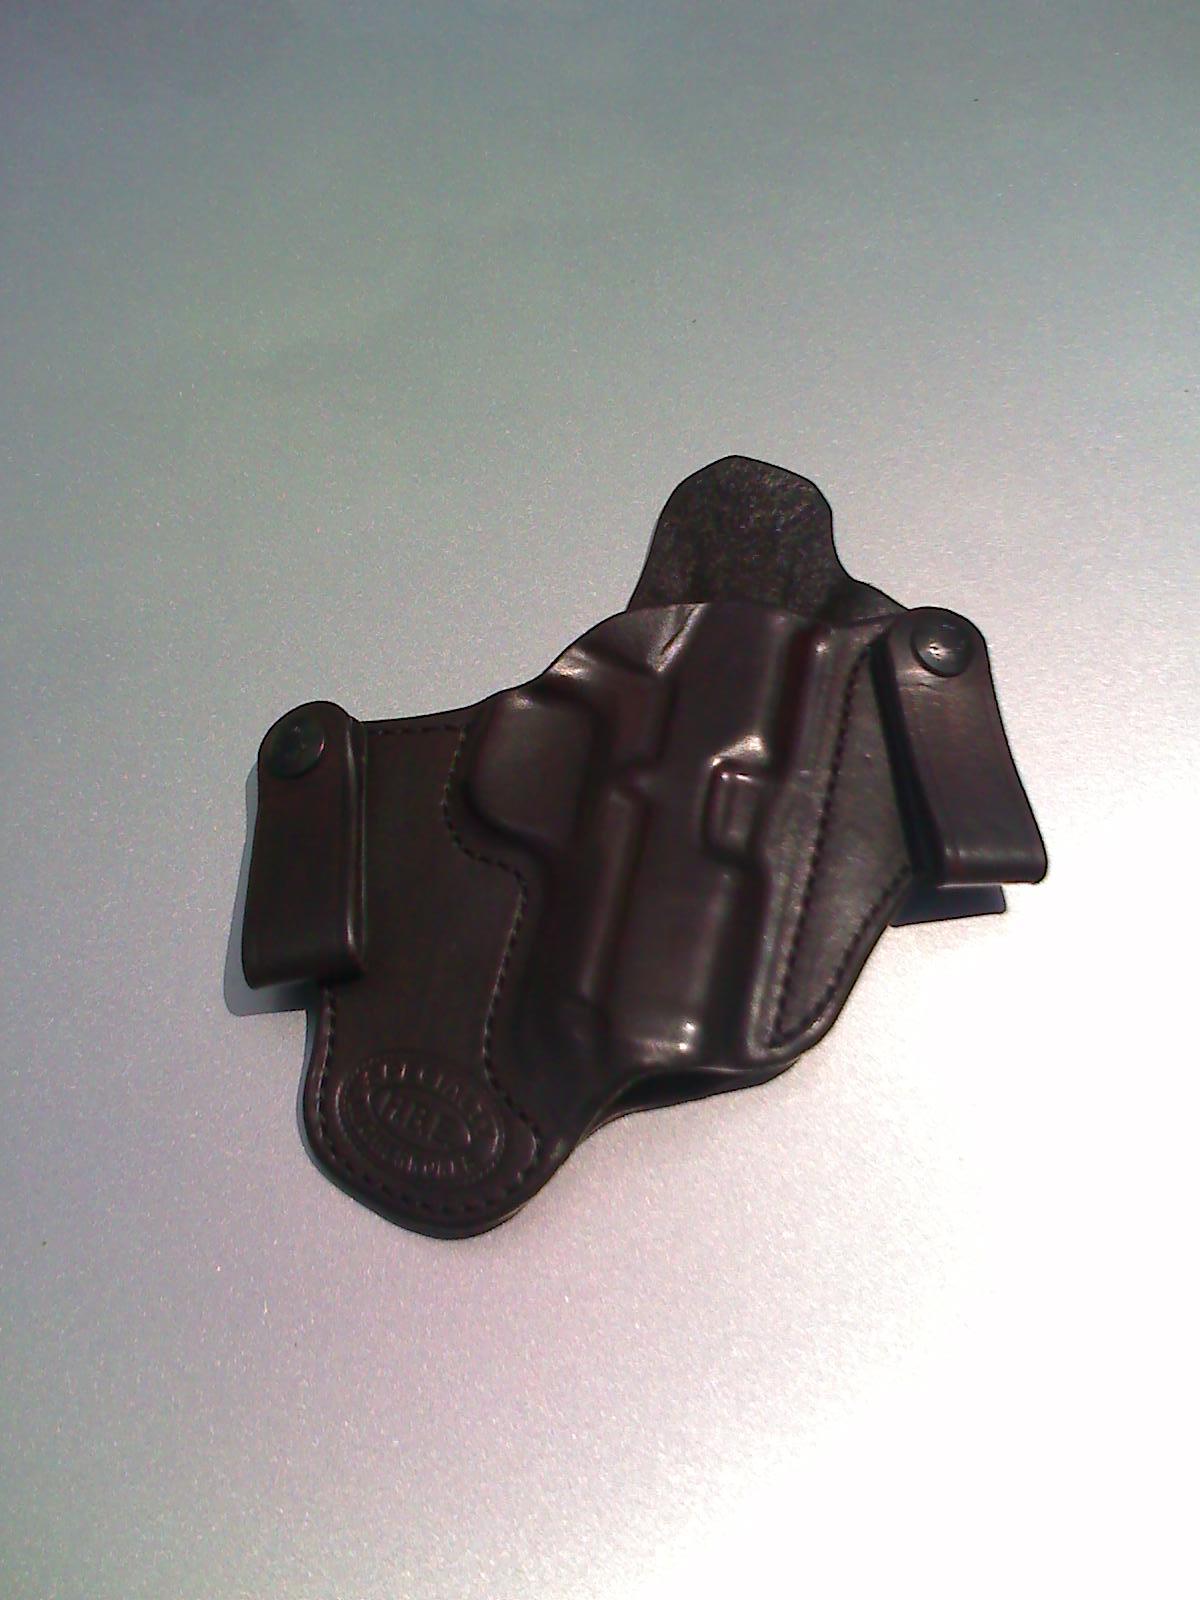 New HBE Holster-holster3.jpg